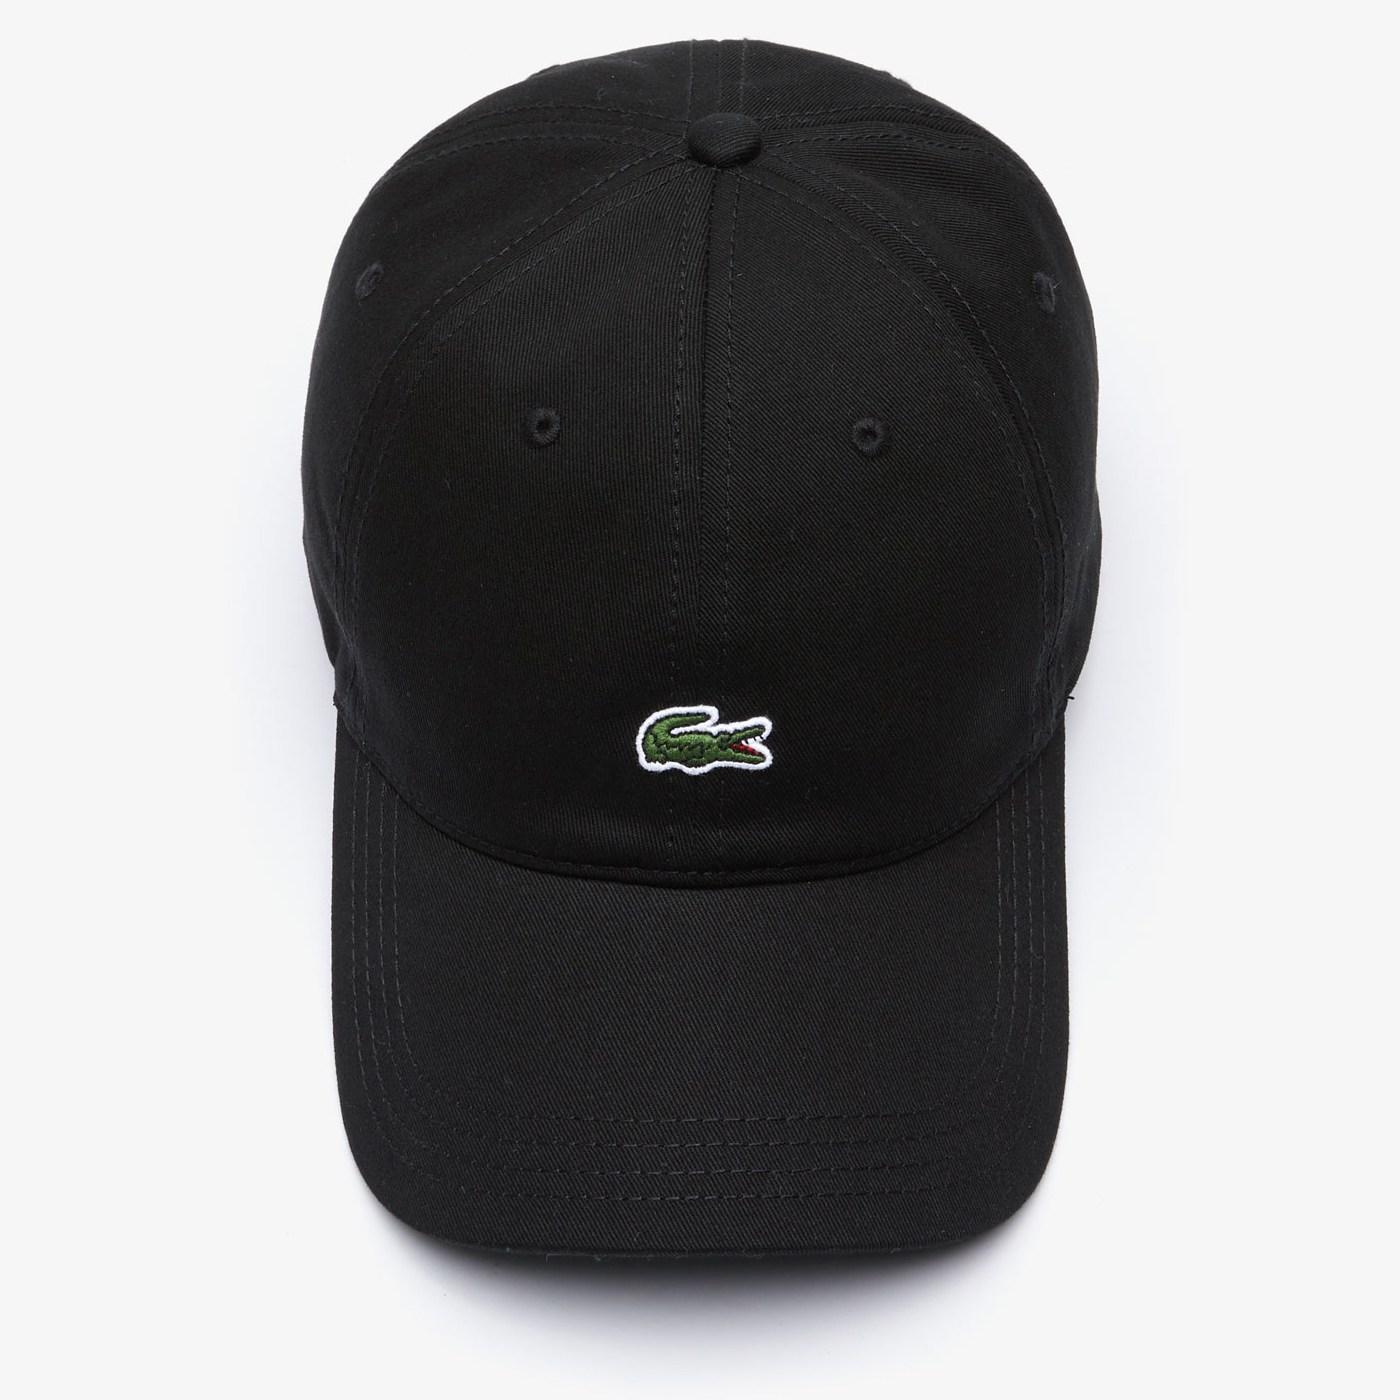 라코스테 볼캡 모자 가죽스트랩 크록 RK4714 블랙